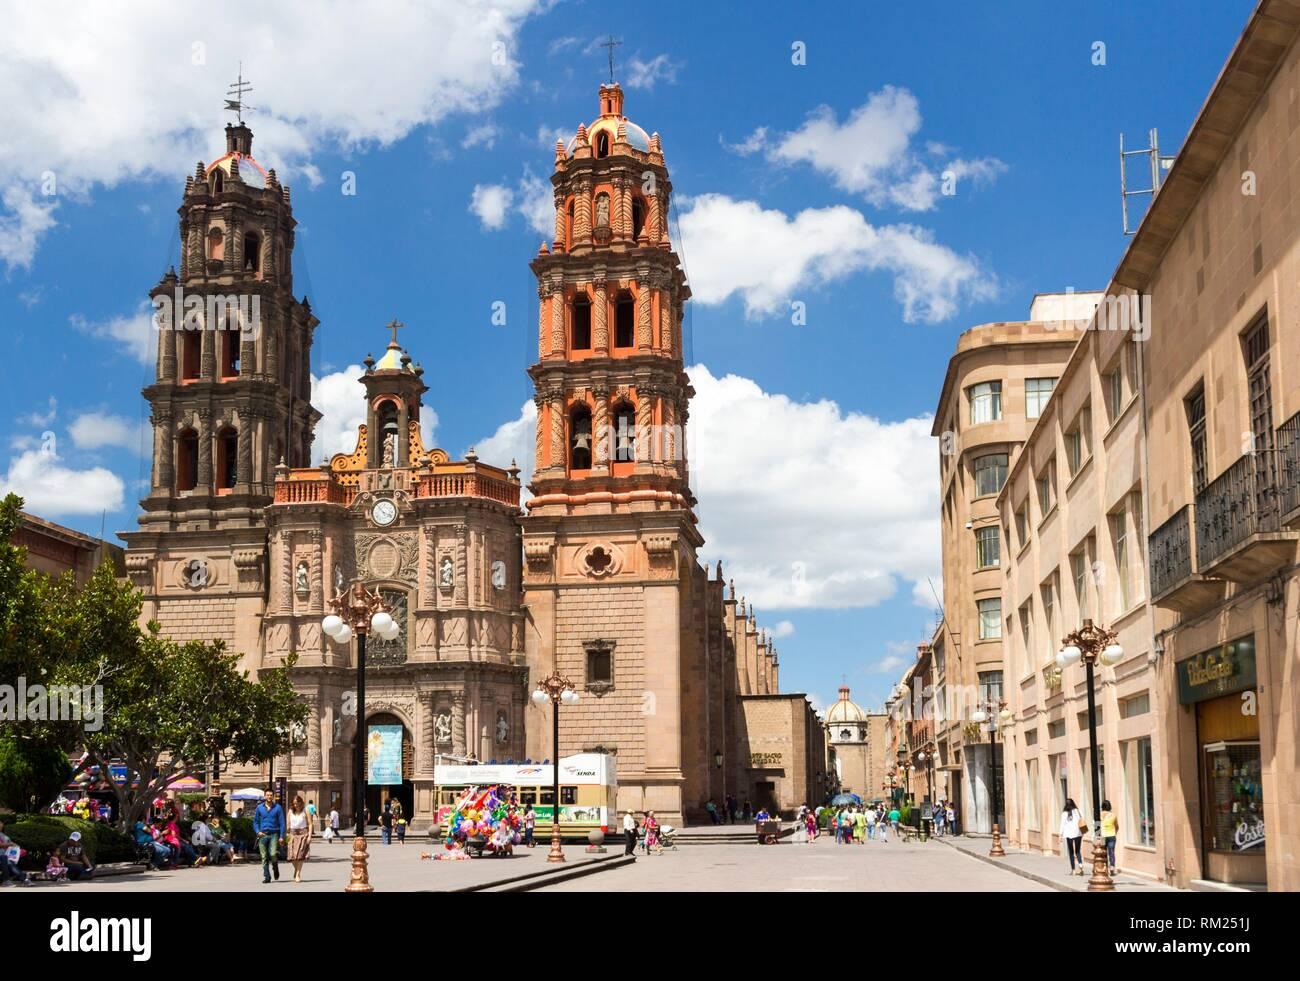 The St Agustin church in a summer day. San Luis Potosí, San Luis Potosí. Mexico. - Stock Image